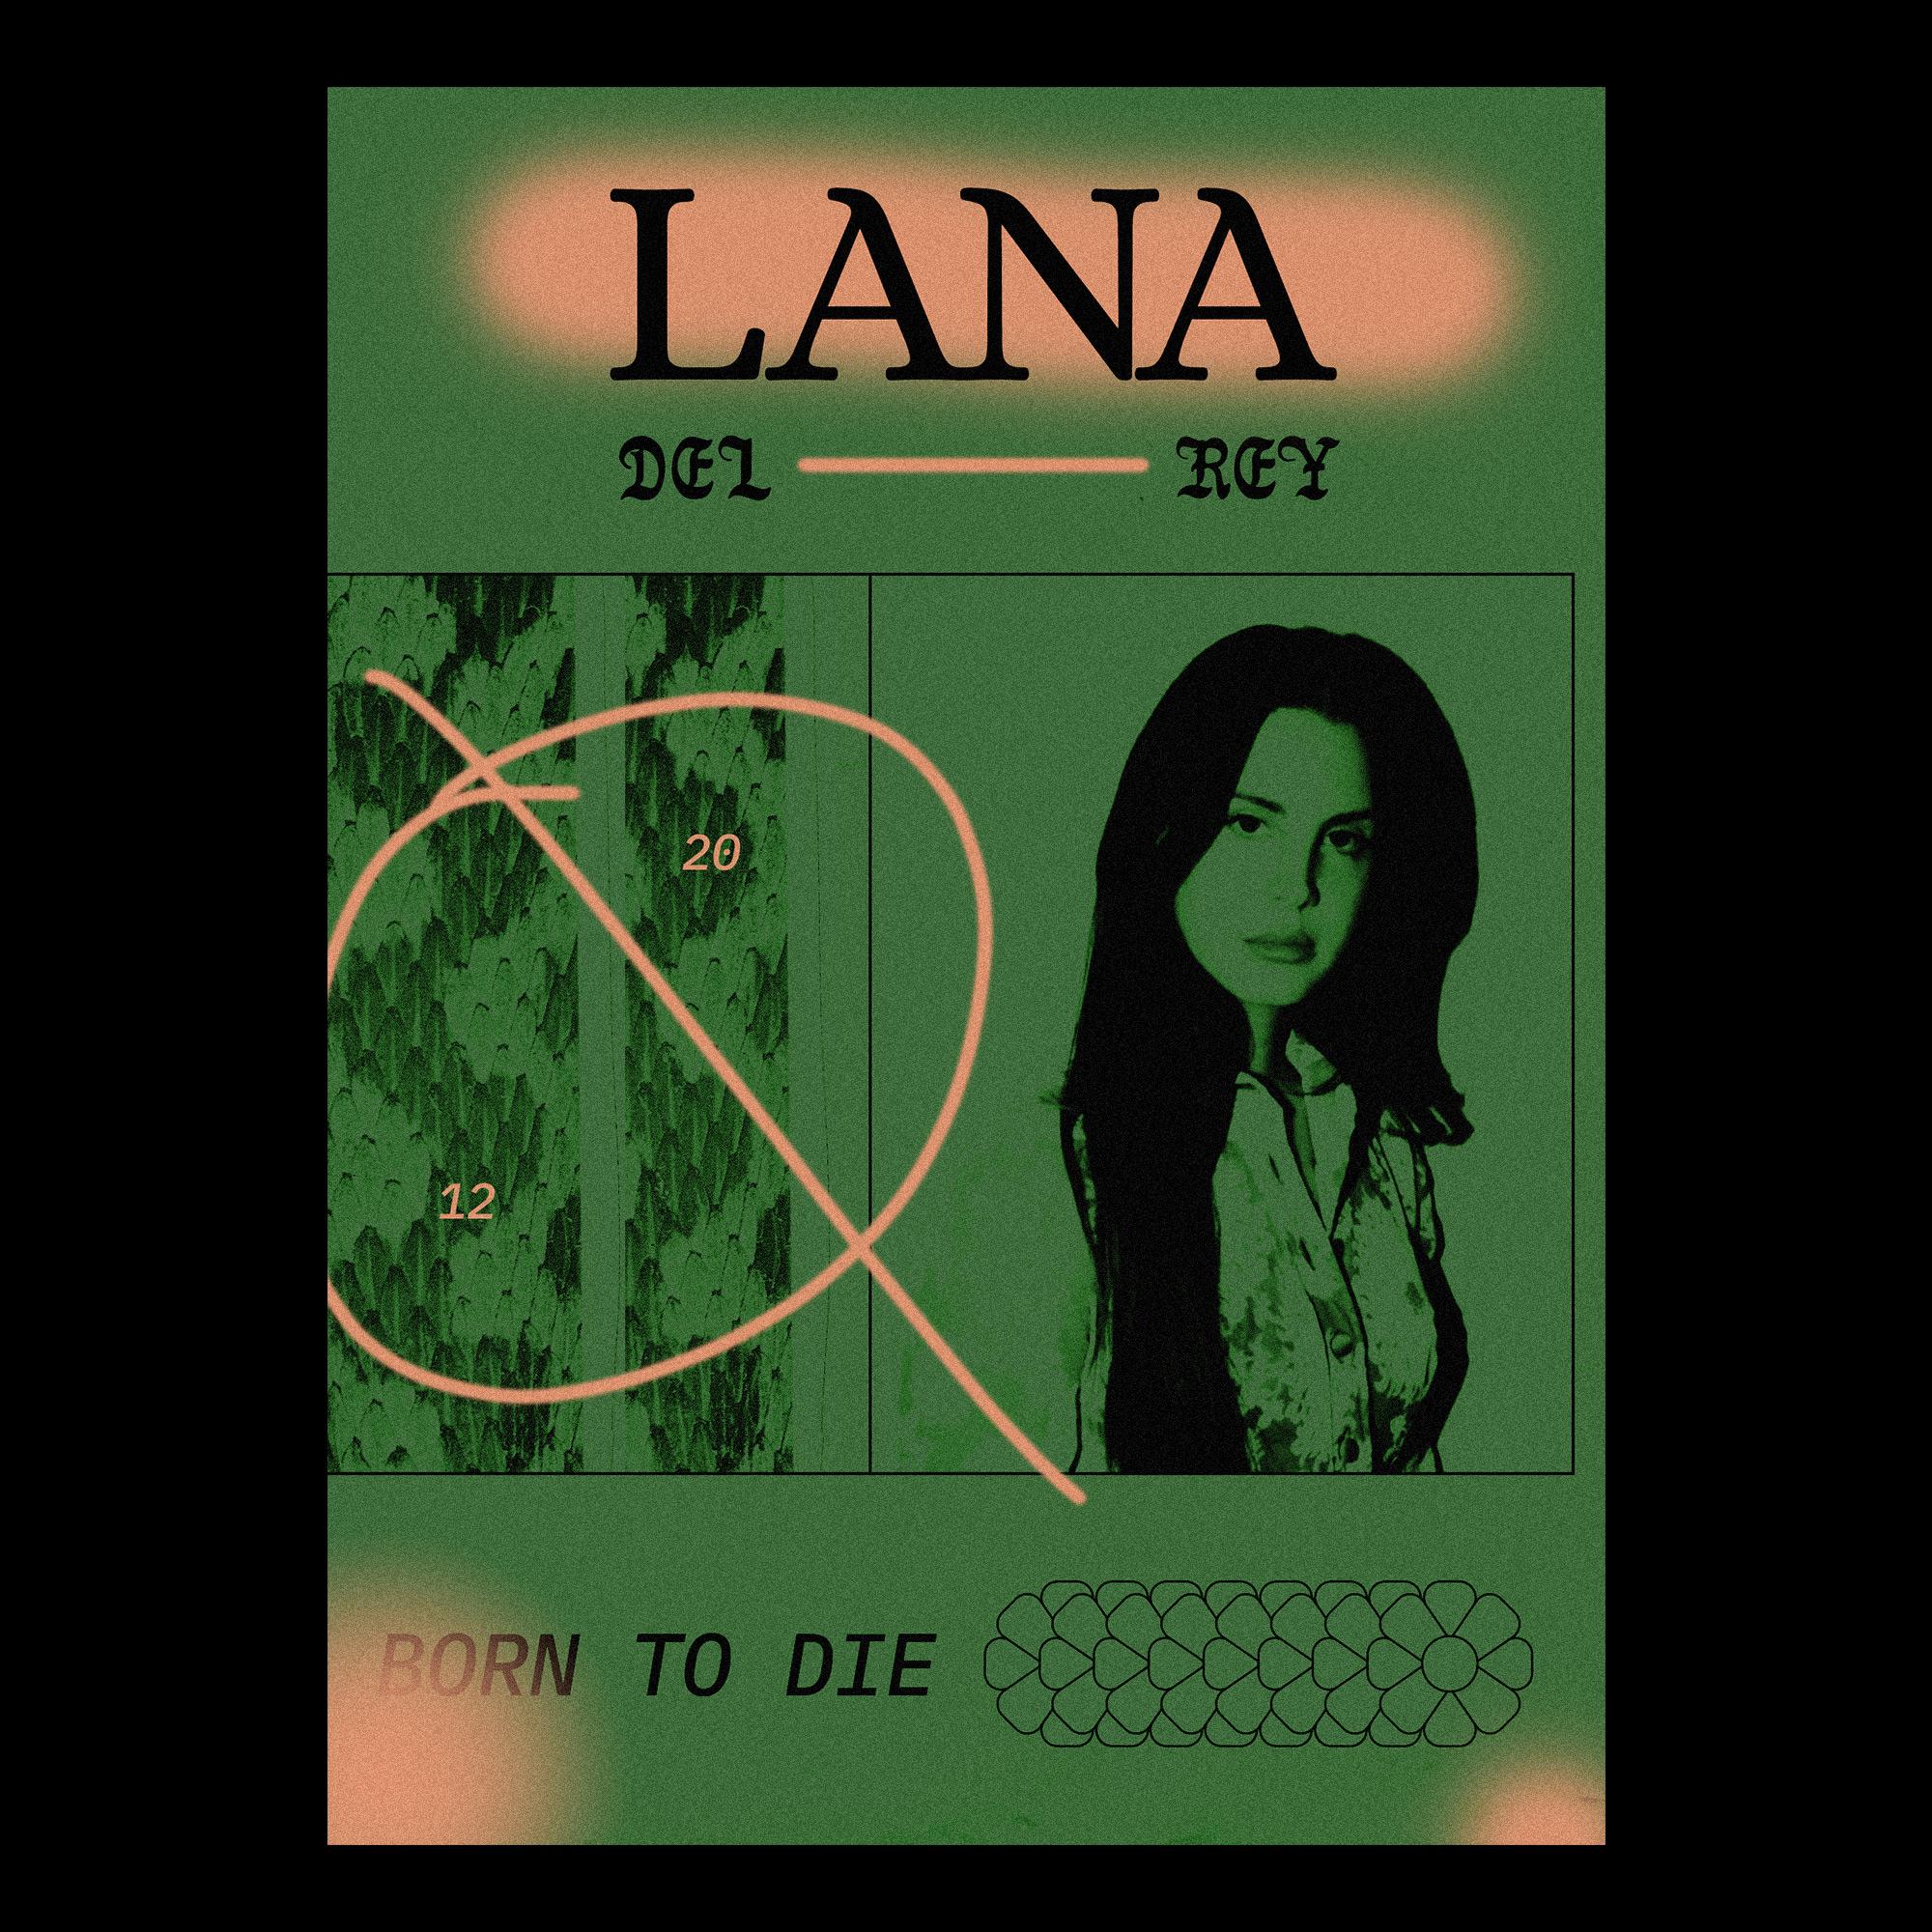 lana_poster-instagram-4.jpg